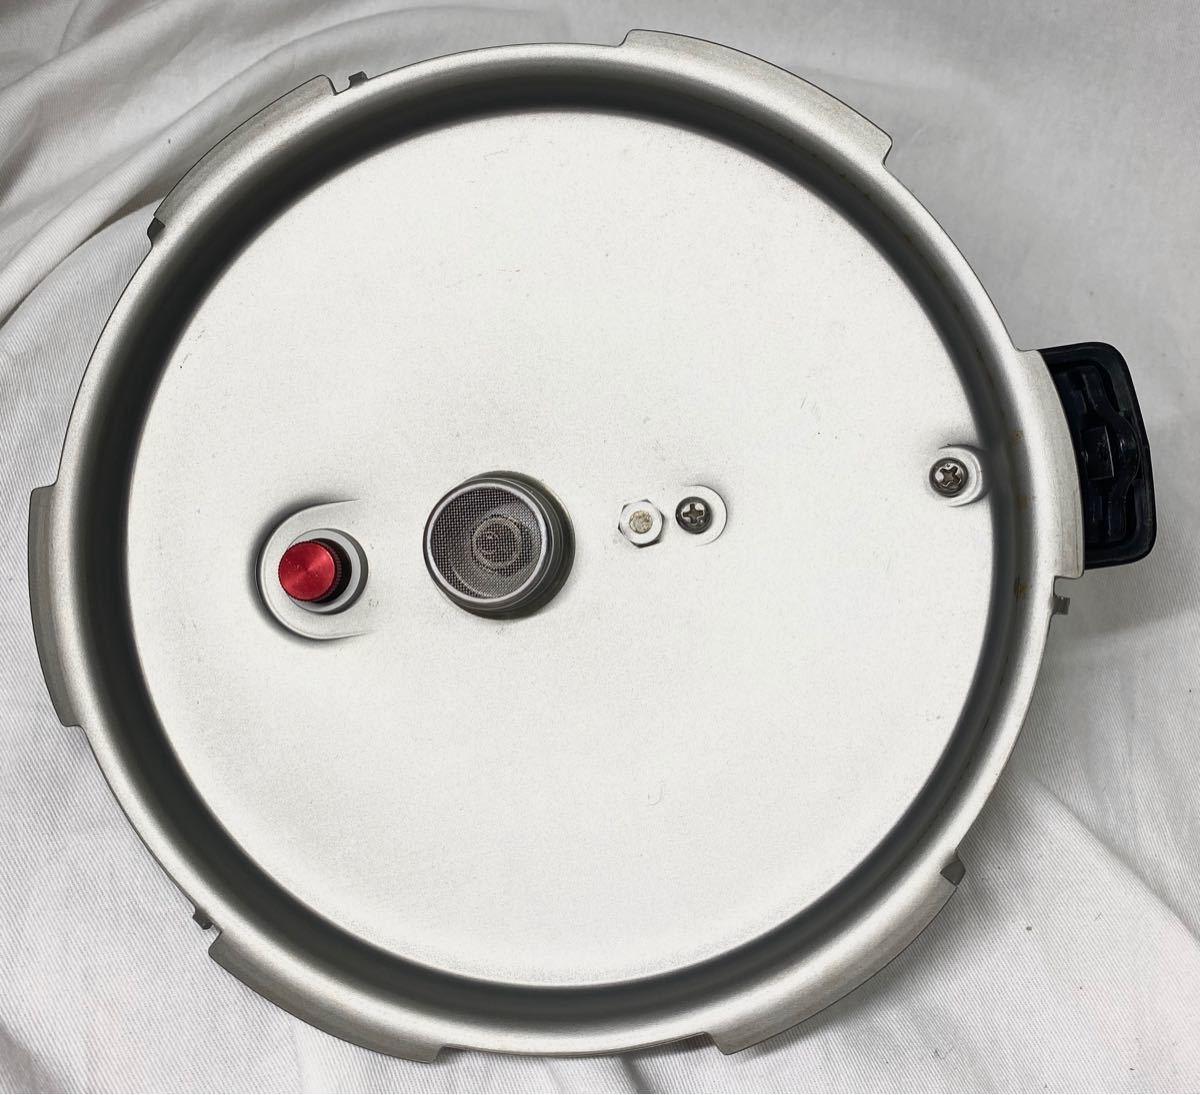 パナソニック 電気圧力鍋 Panasonic SR-P37-P